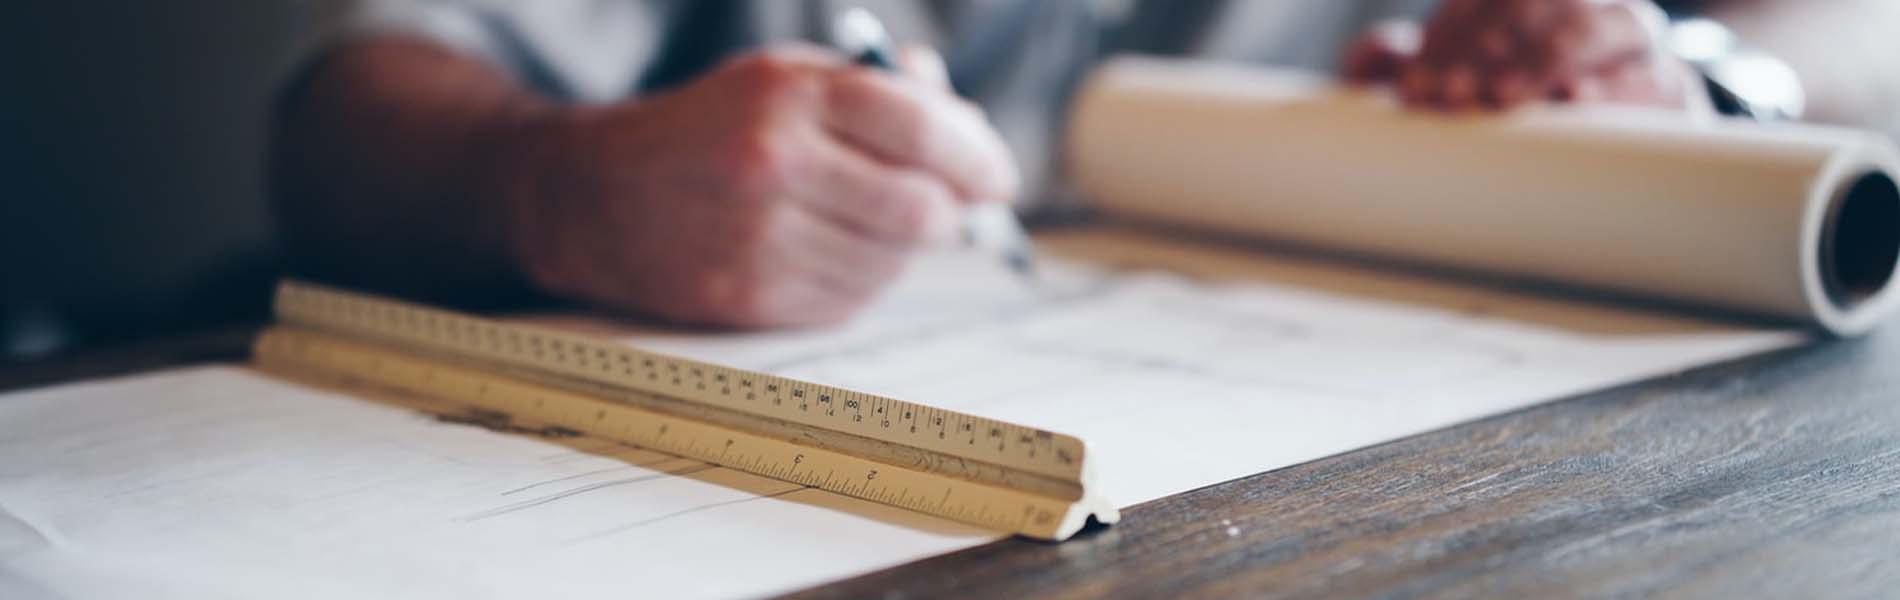 Planung und Koordination von Renovierungsarbeiten